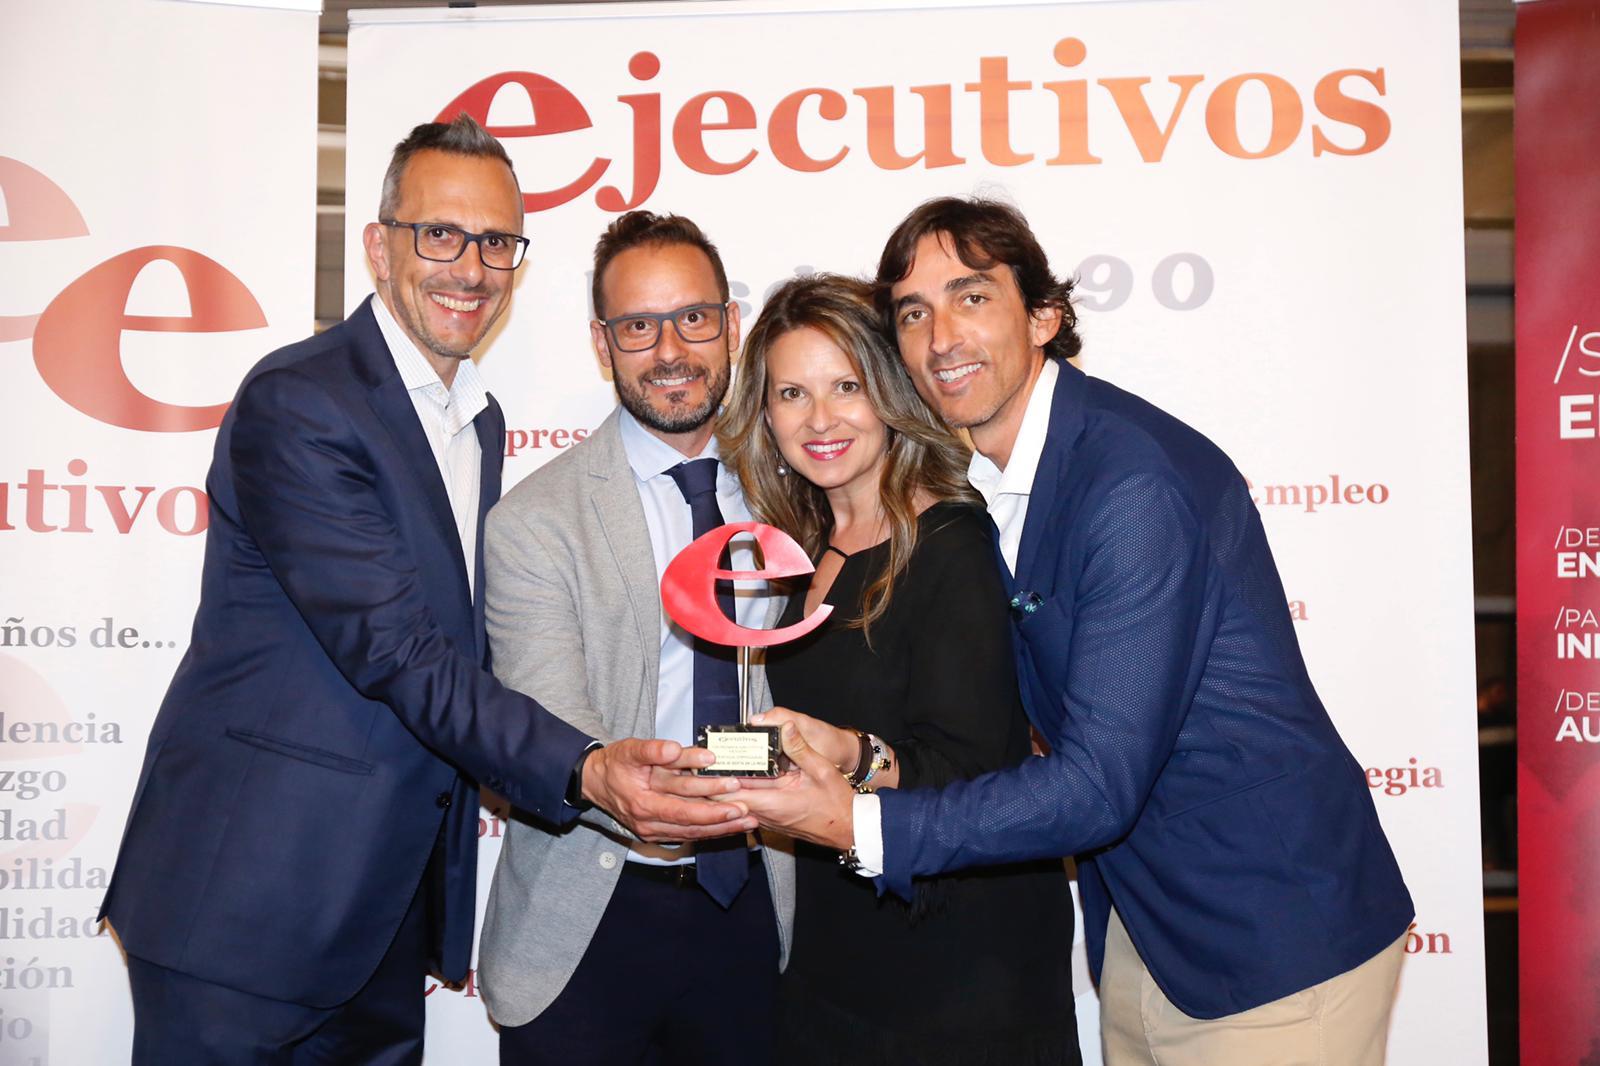 premio ejecutivos estrategia empresarial la mafia - 'La Mafia se sienta a la mesa' premio a la mejor estrategia empresarial